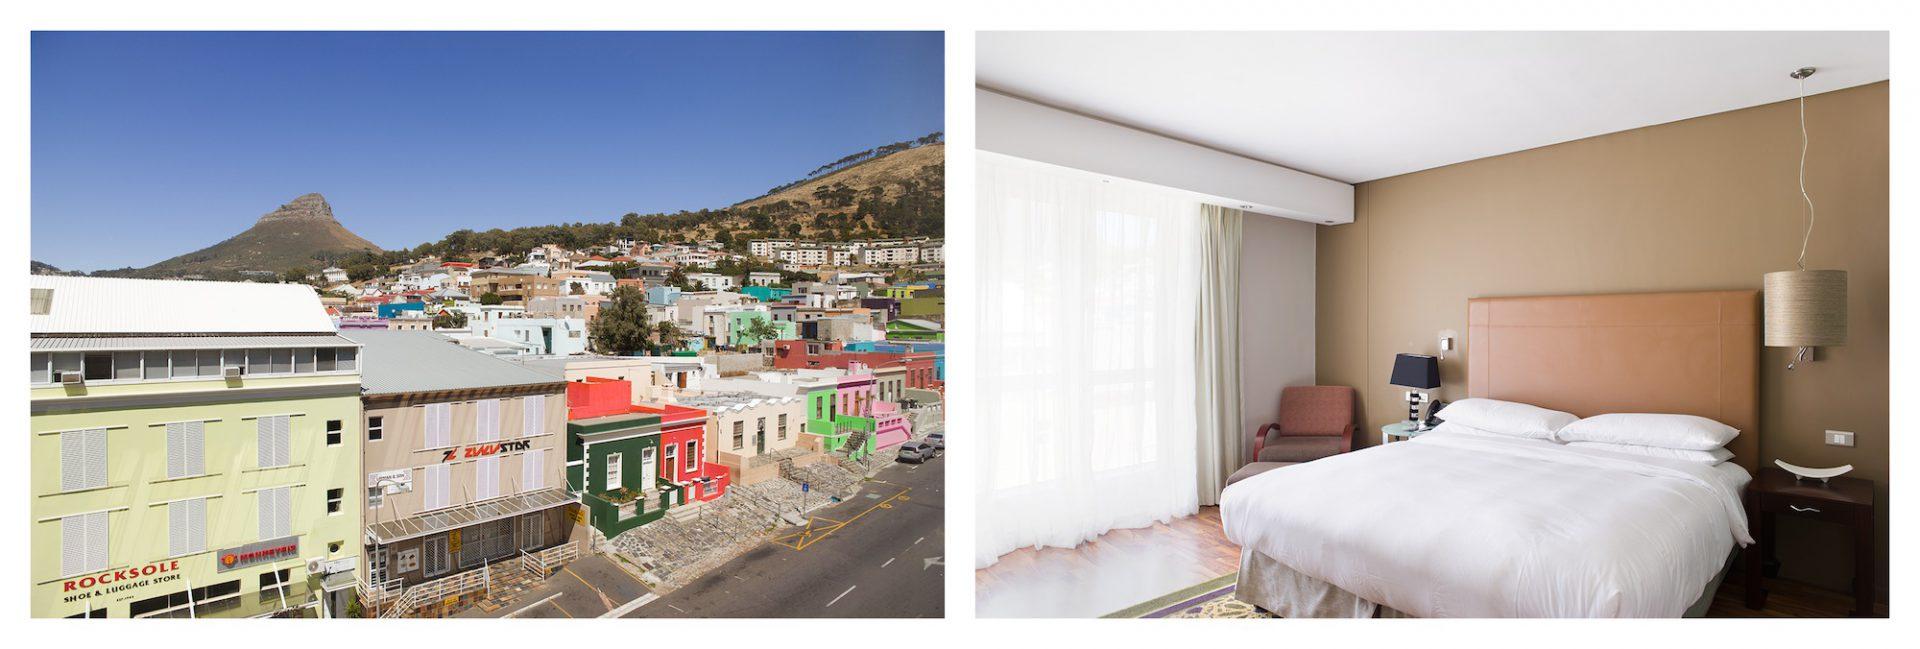 Seite 64–65. 27.12.2015, Cape Town, Room 311